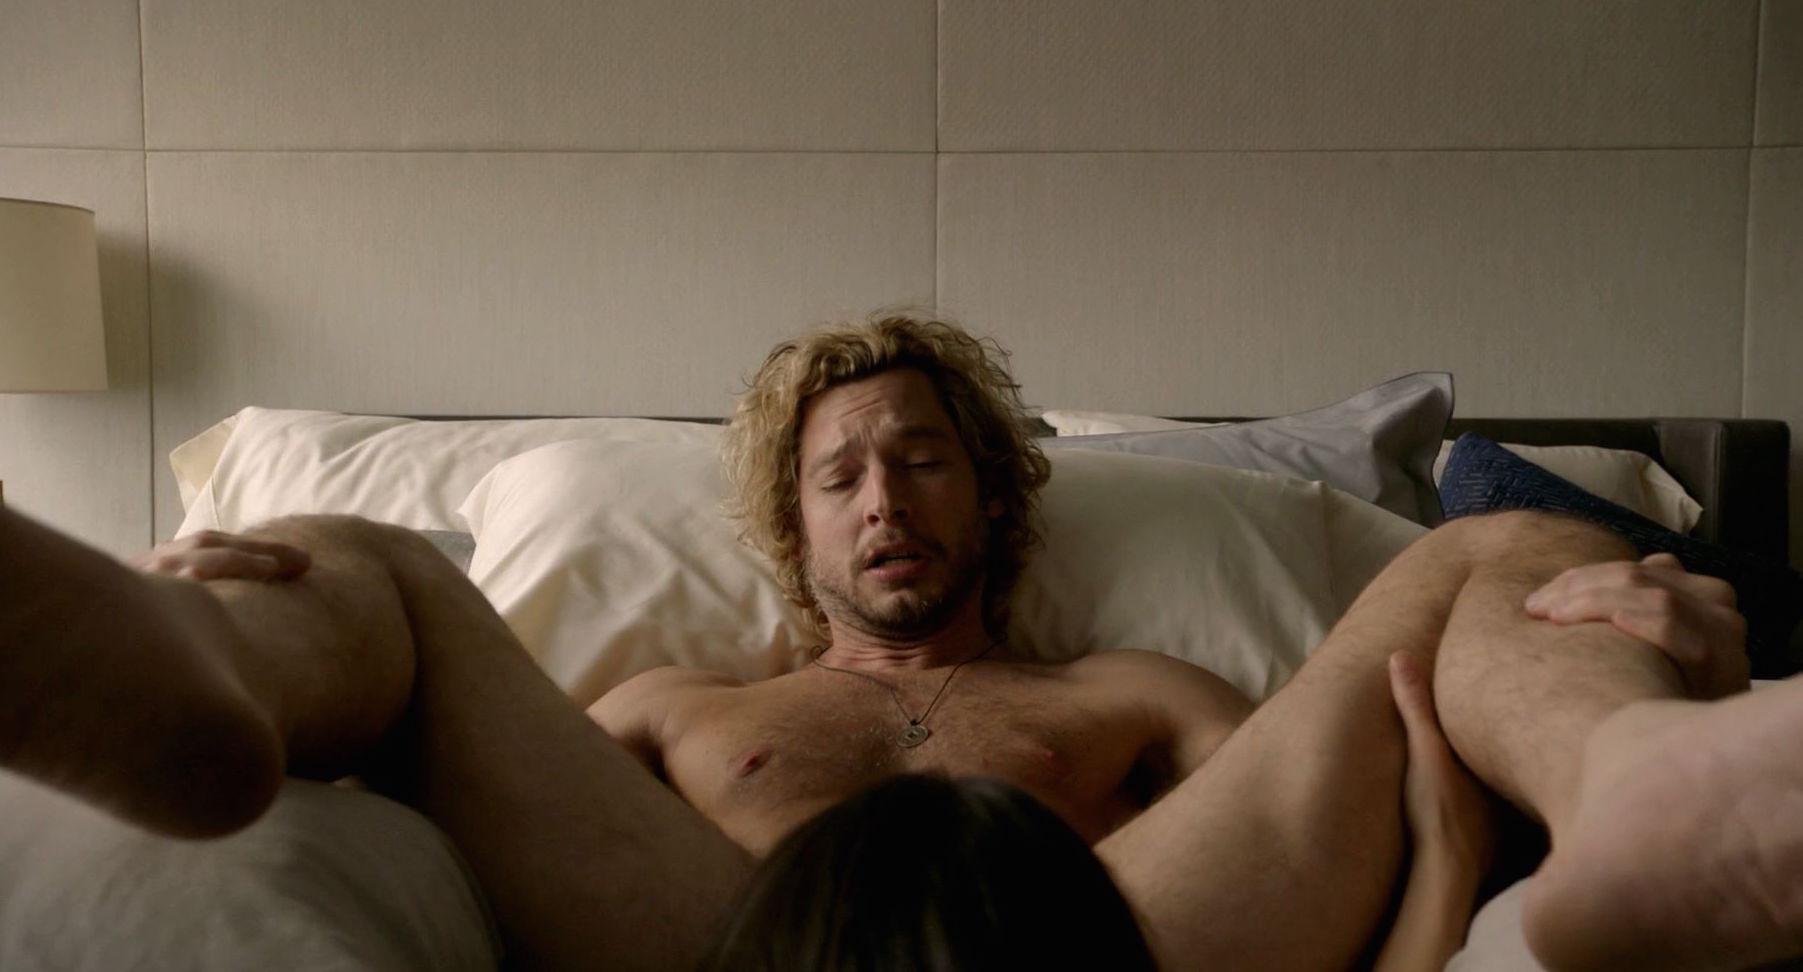 Vincent kartheiser naked